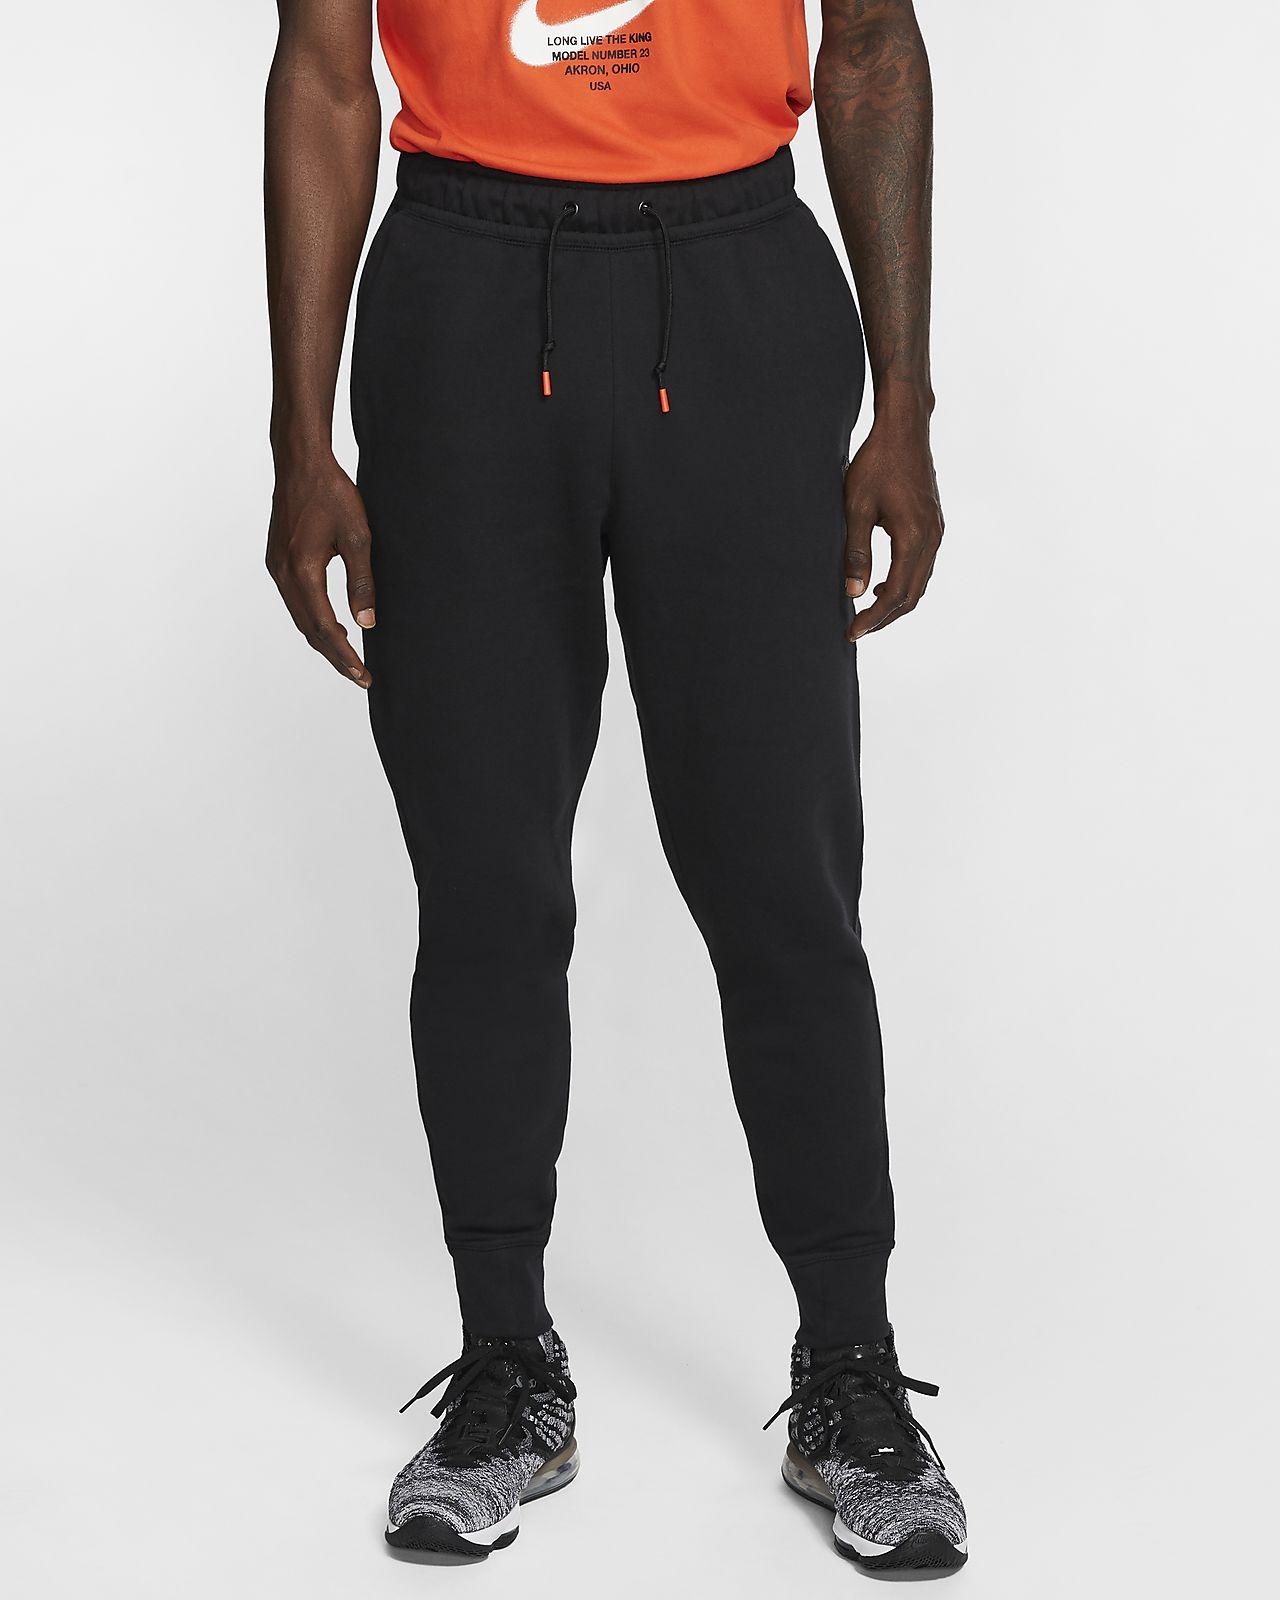 กางเกงบาสเก็ตบอลผู้ชาย LeBron